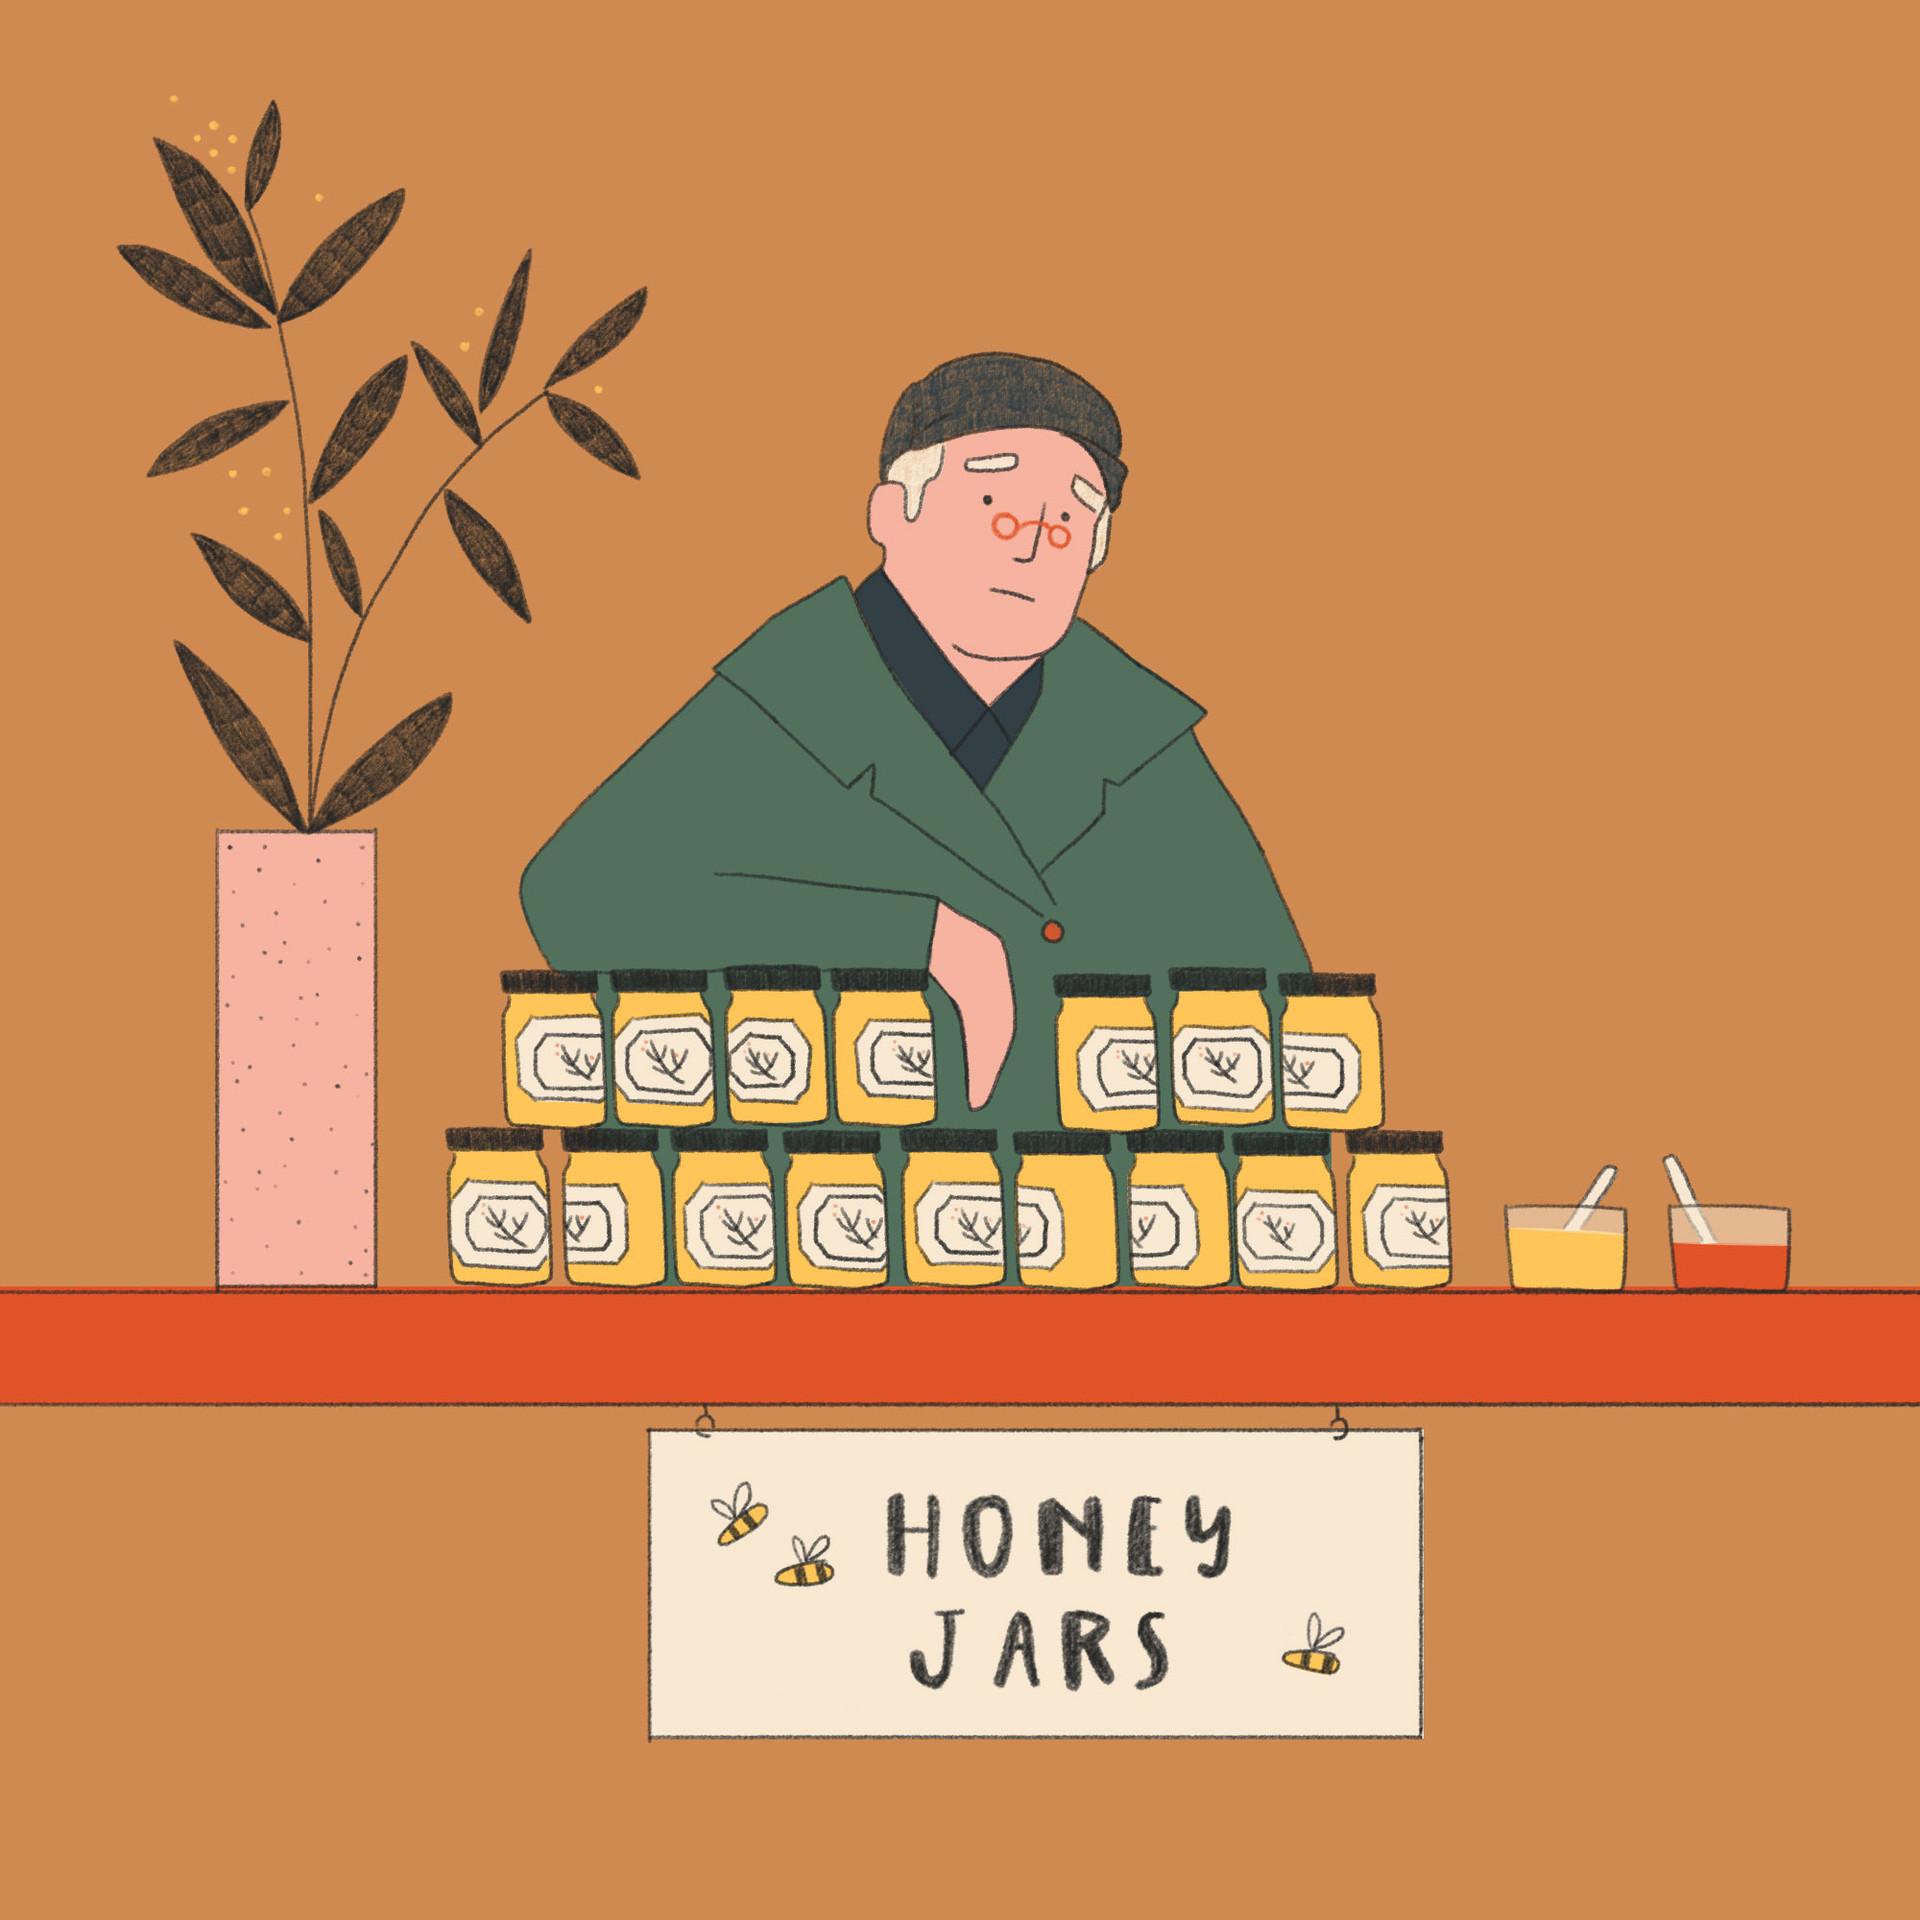 Local Honey Market Illustrations